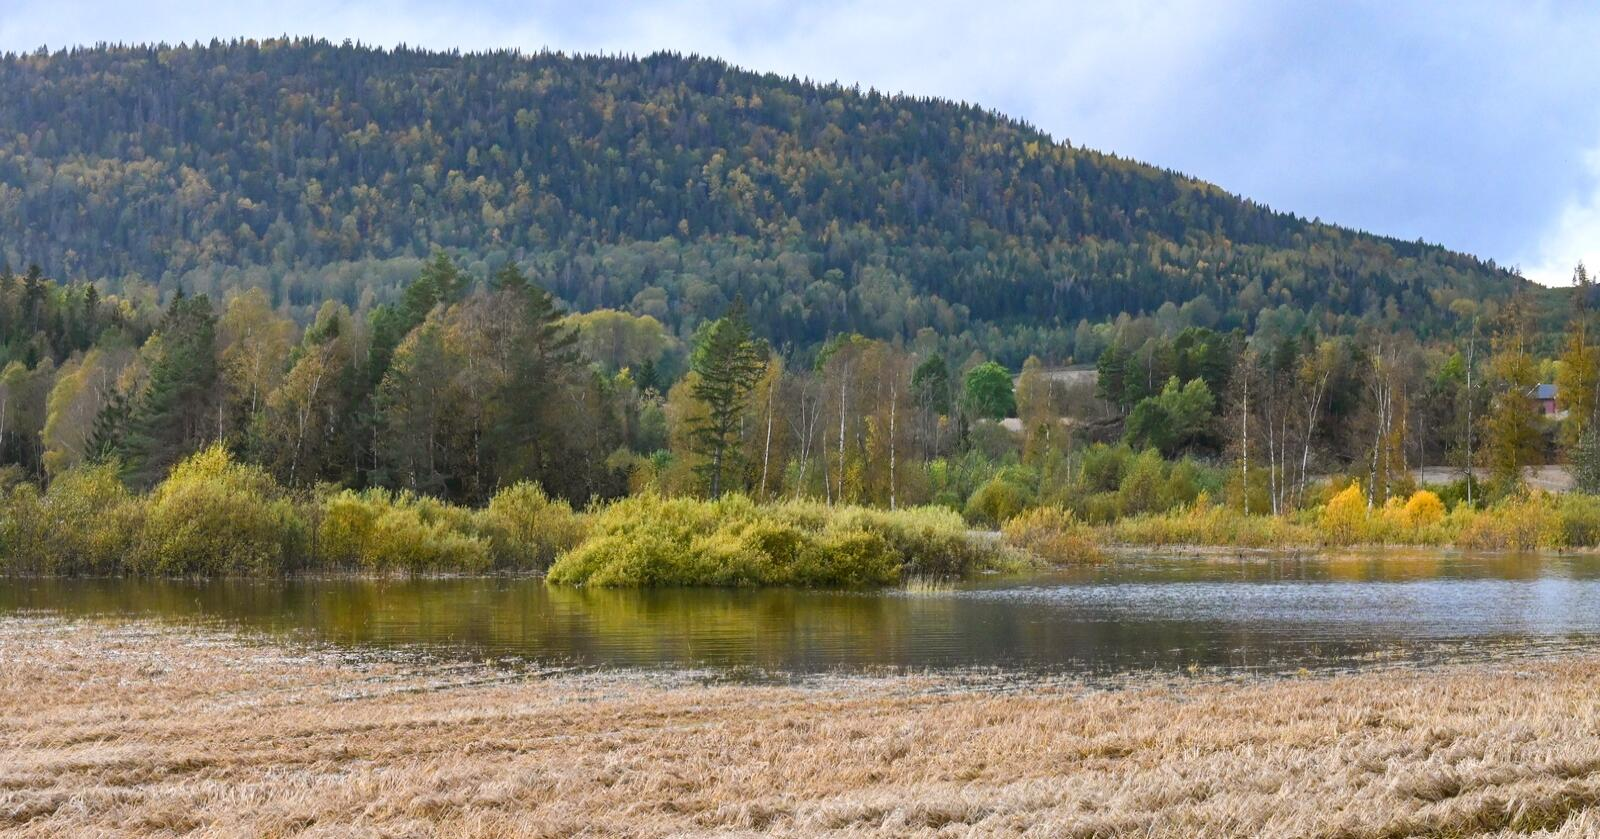 Eikenesvannet steg over sine bredder, og krøp 30-40 meter innover jordet.